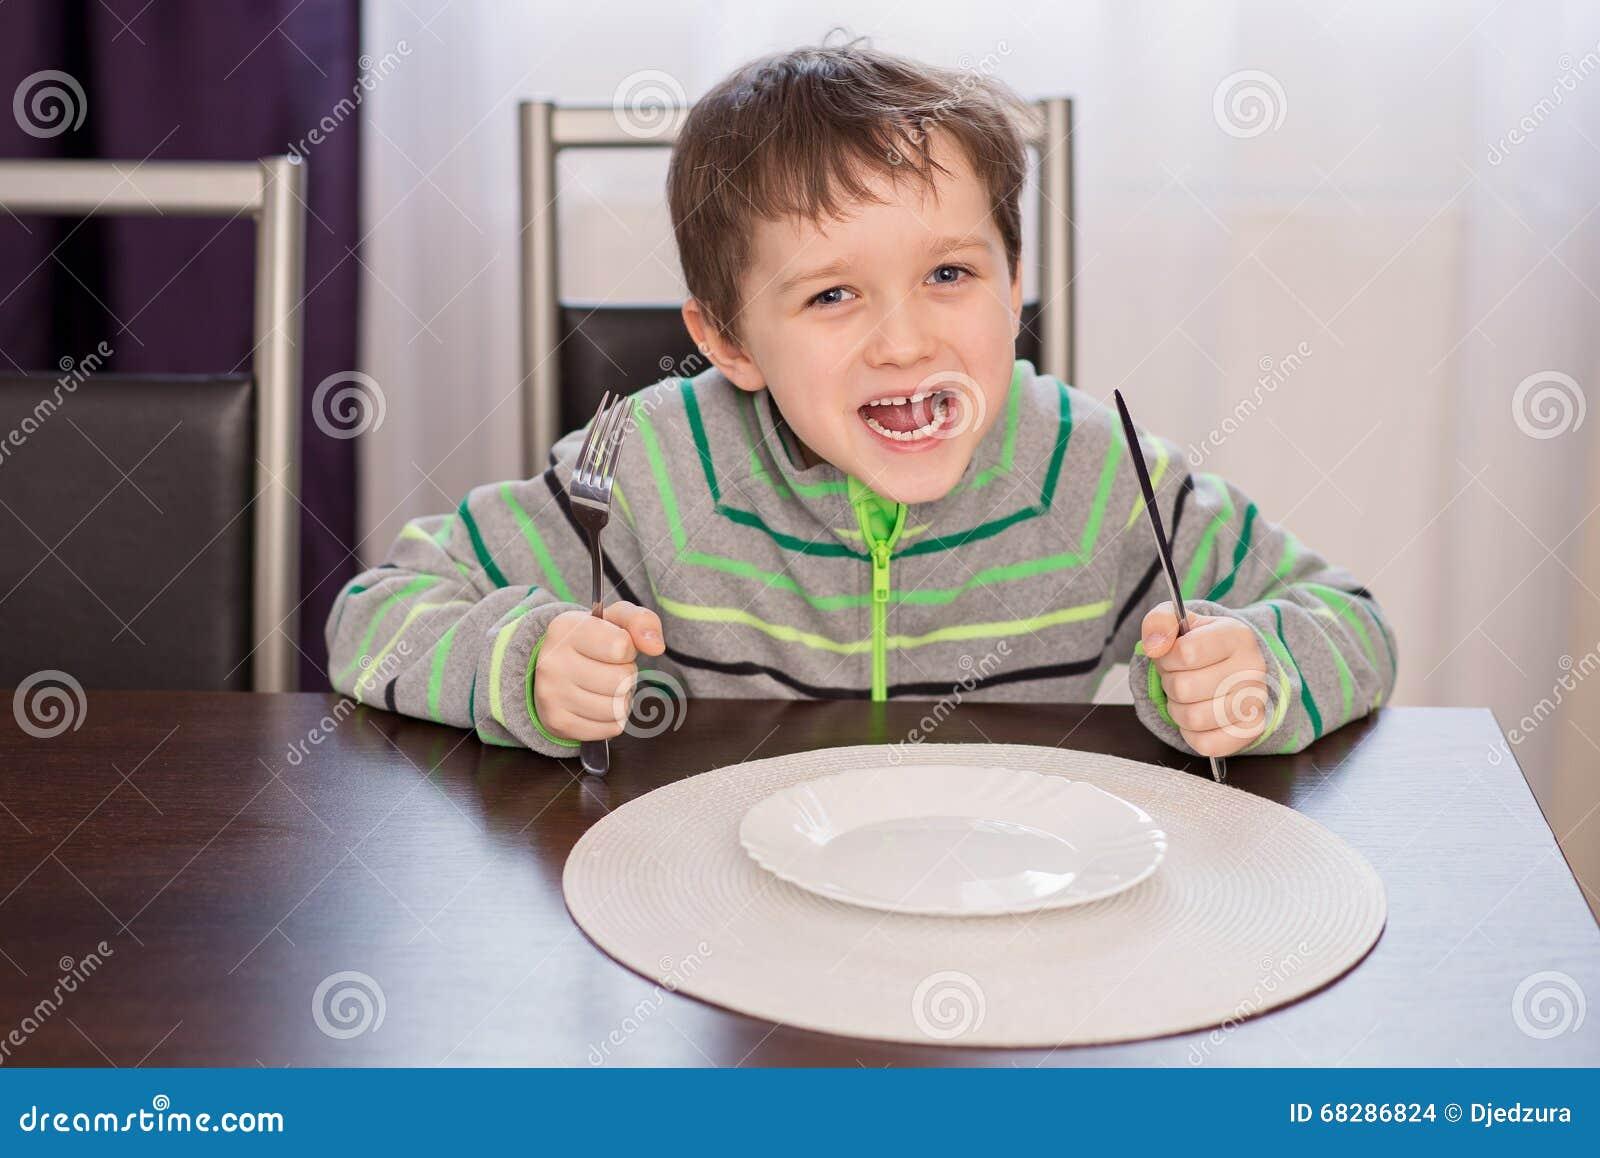 Glückliches lächelndes Jungenkinderwarteabendessen